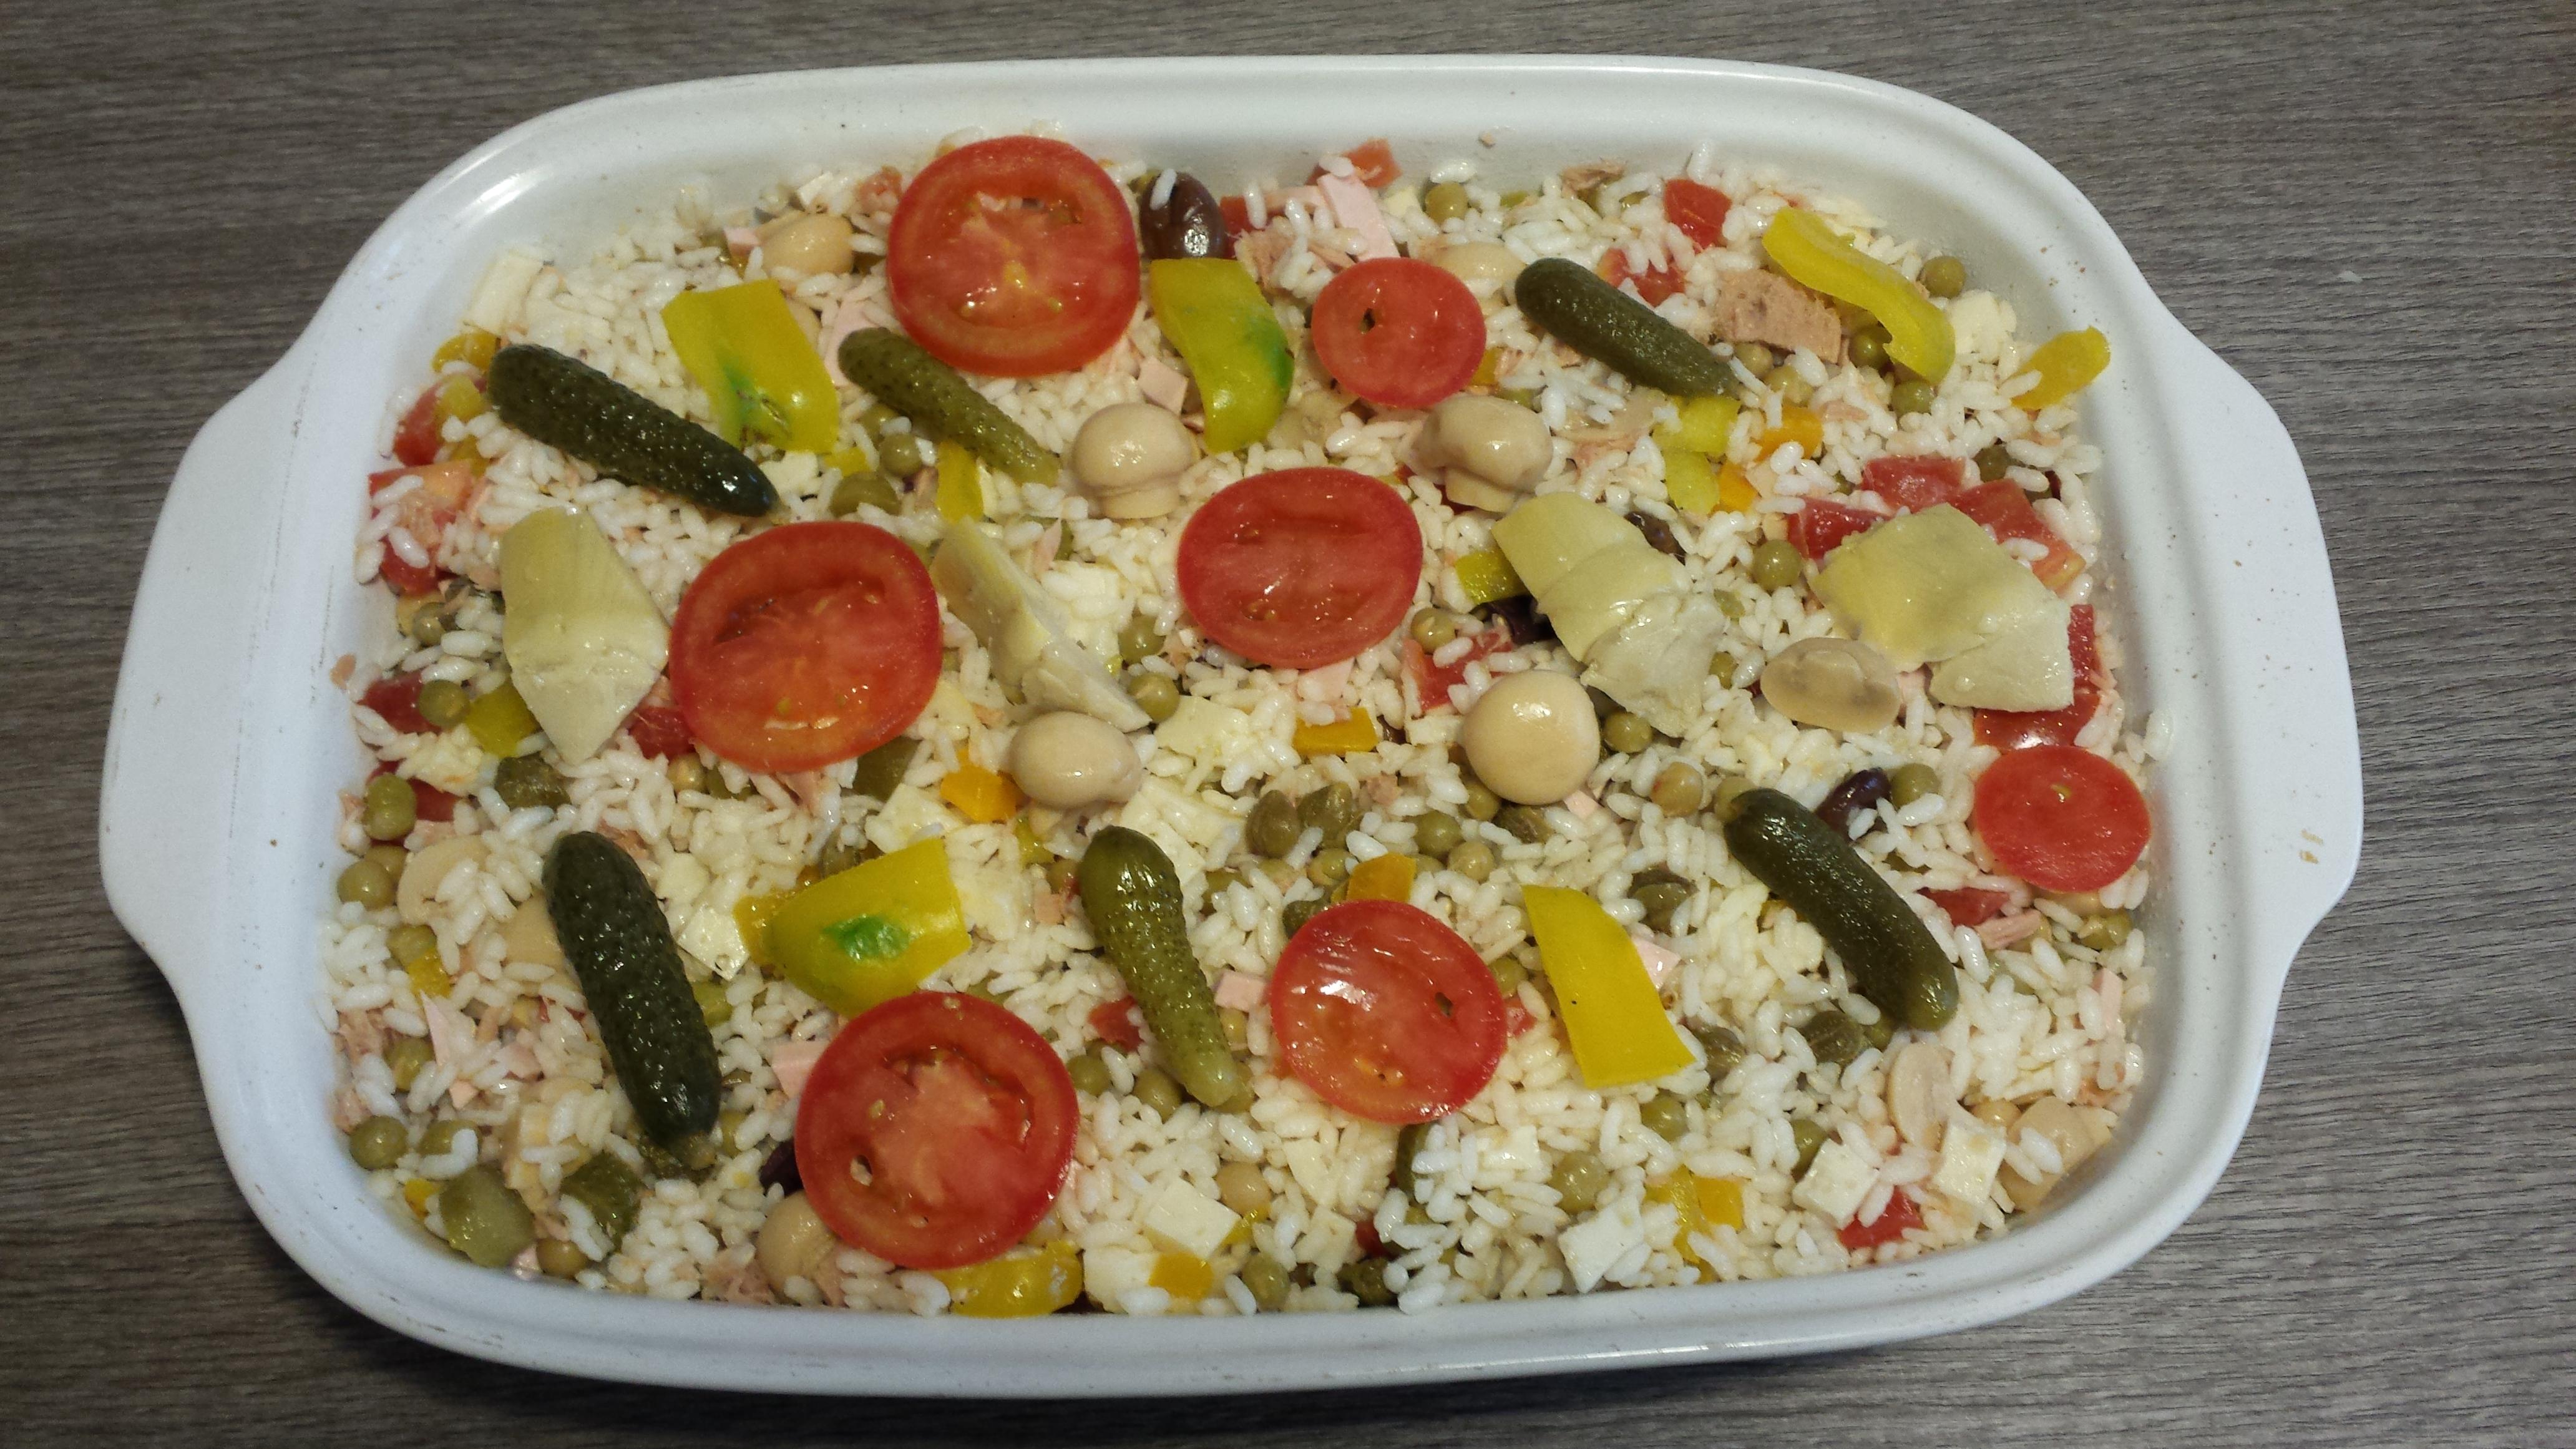 Insalata di riso cosa cucino per cena - Cosa cucino oggi a cena ...